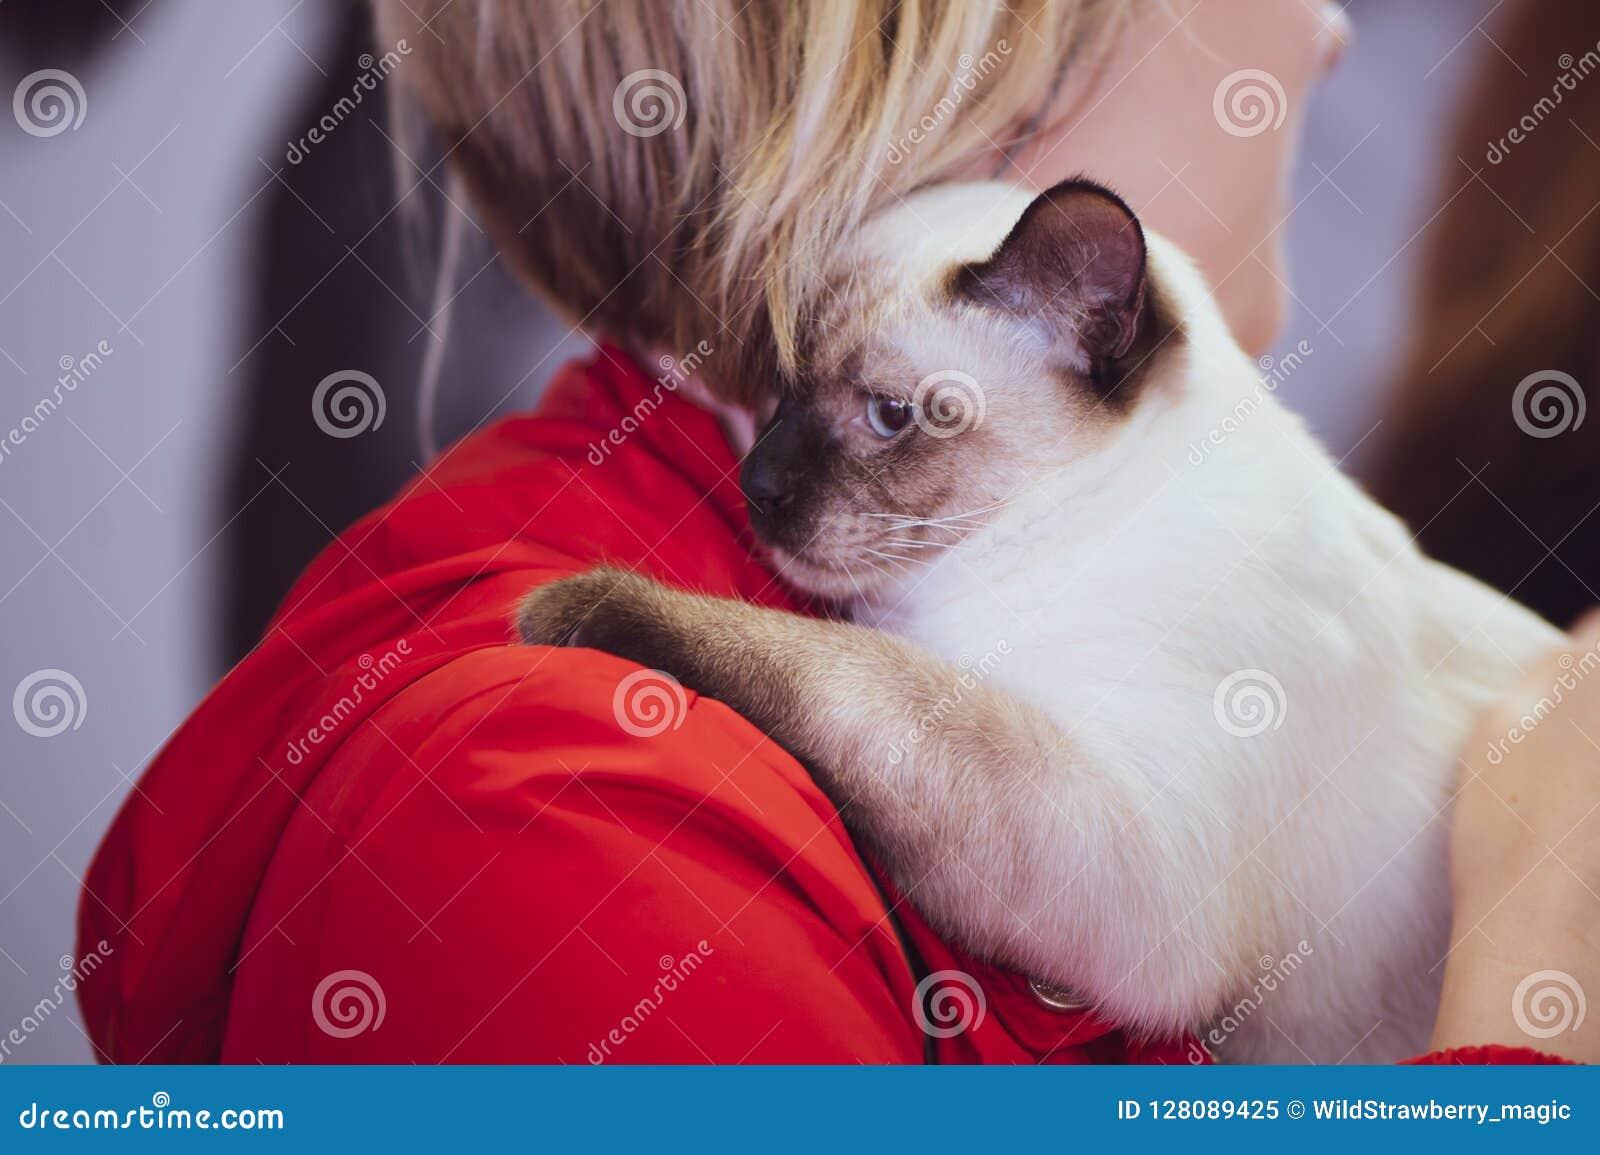 Thailändische Katze in den Händen des Inhabers, Ausstellung des Haustieres